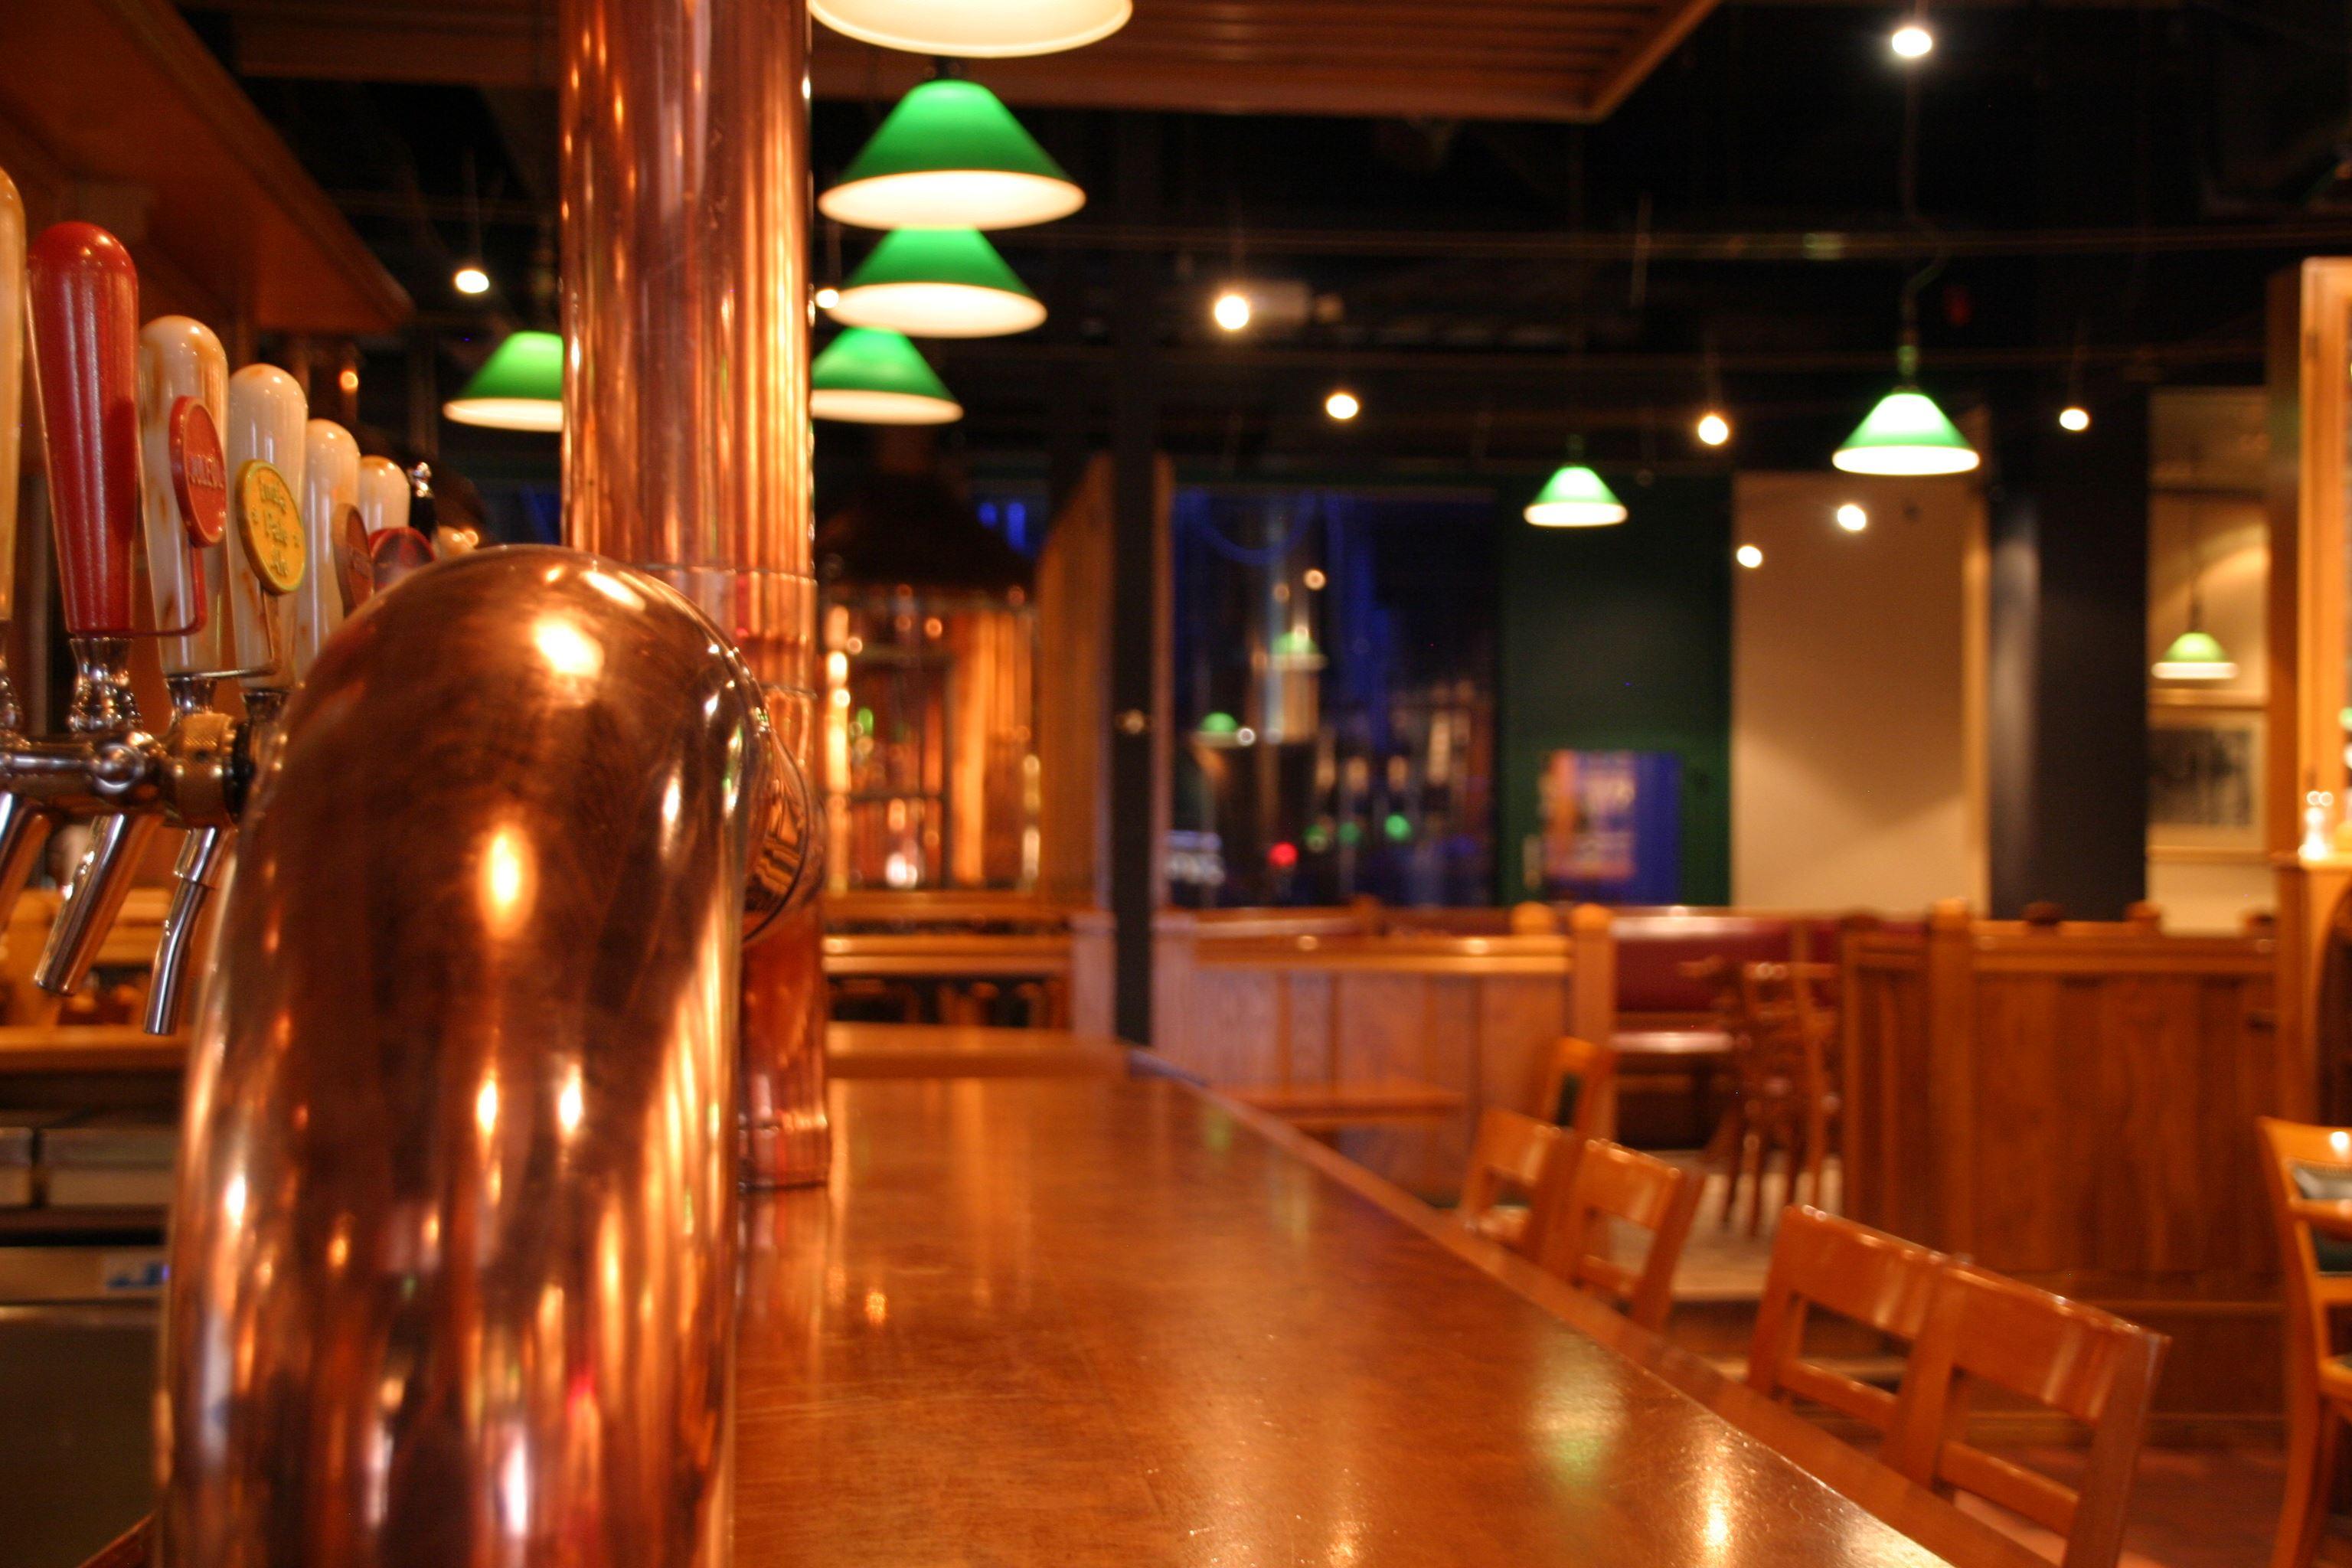 Trondhjem Mikrobryggeri, Øl og mat sentral i byen